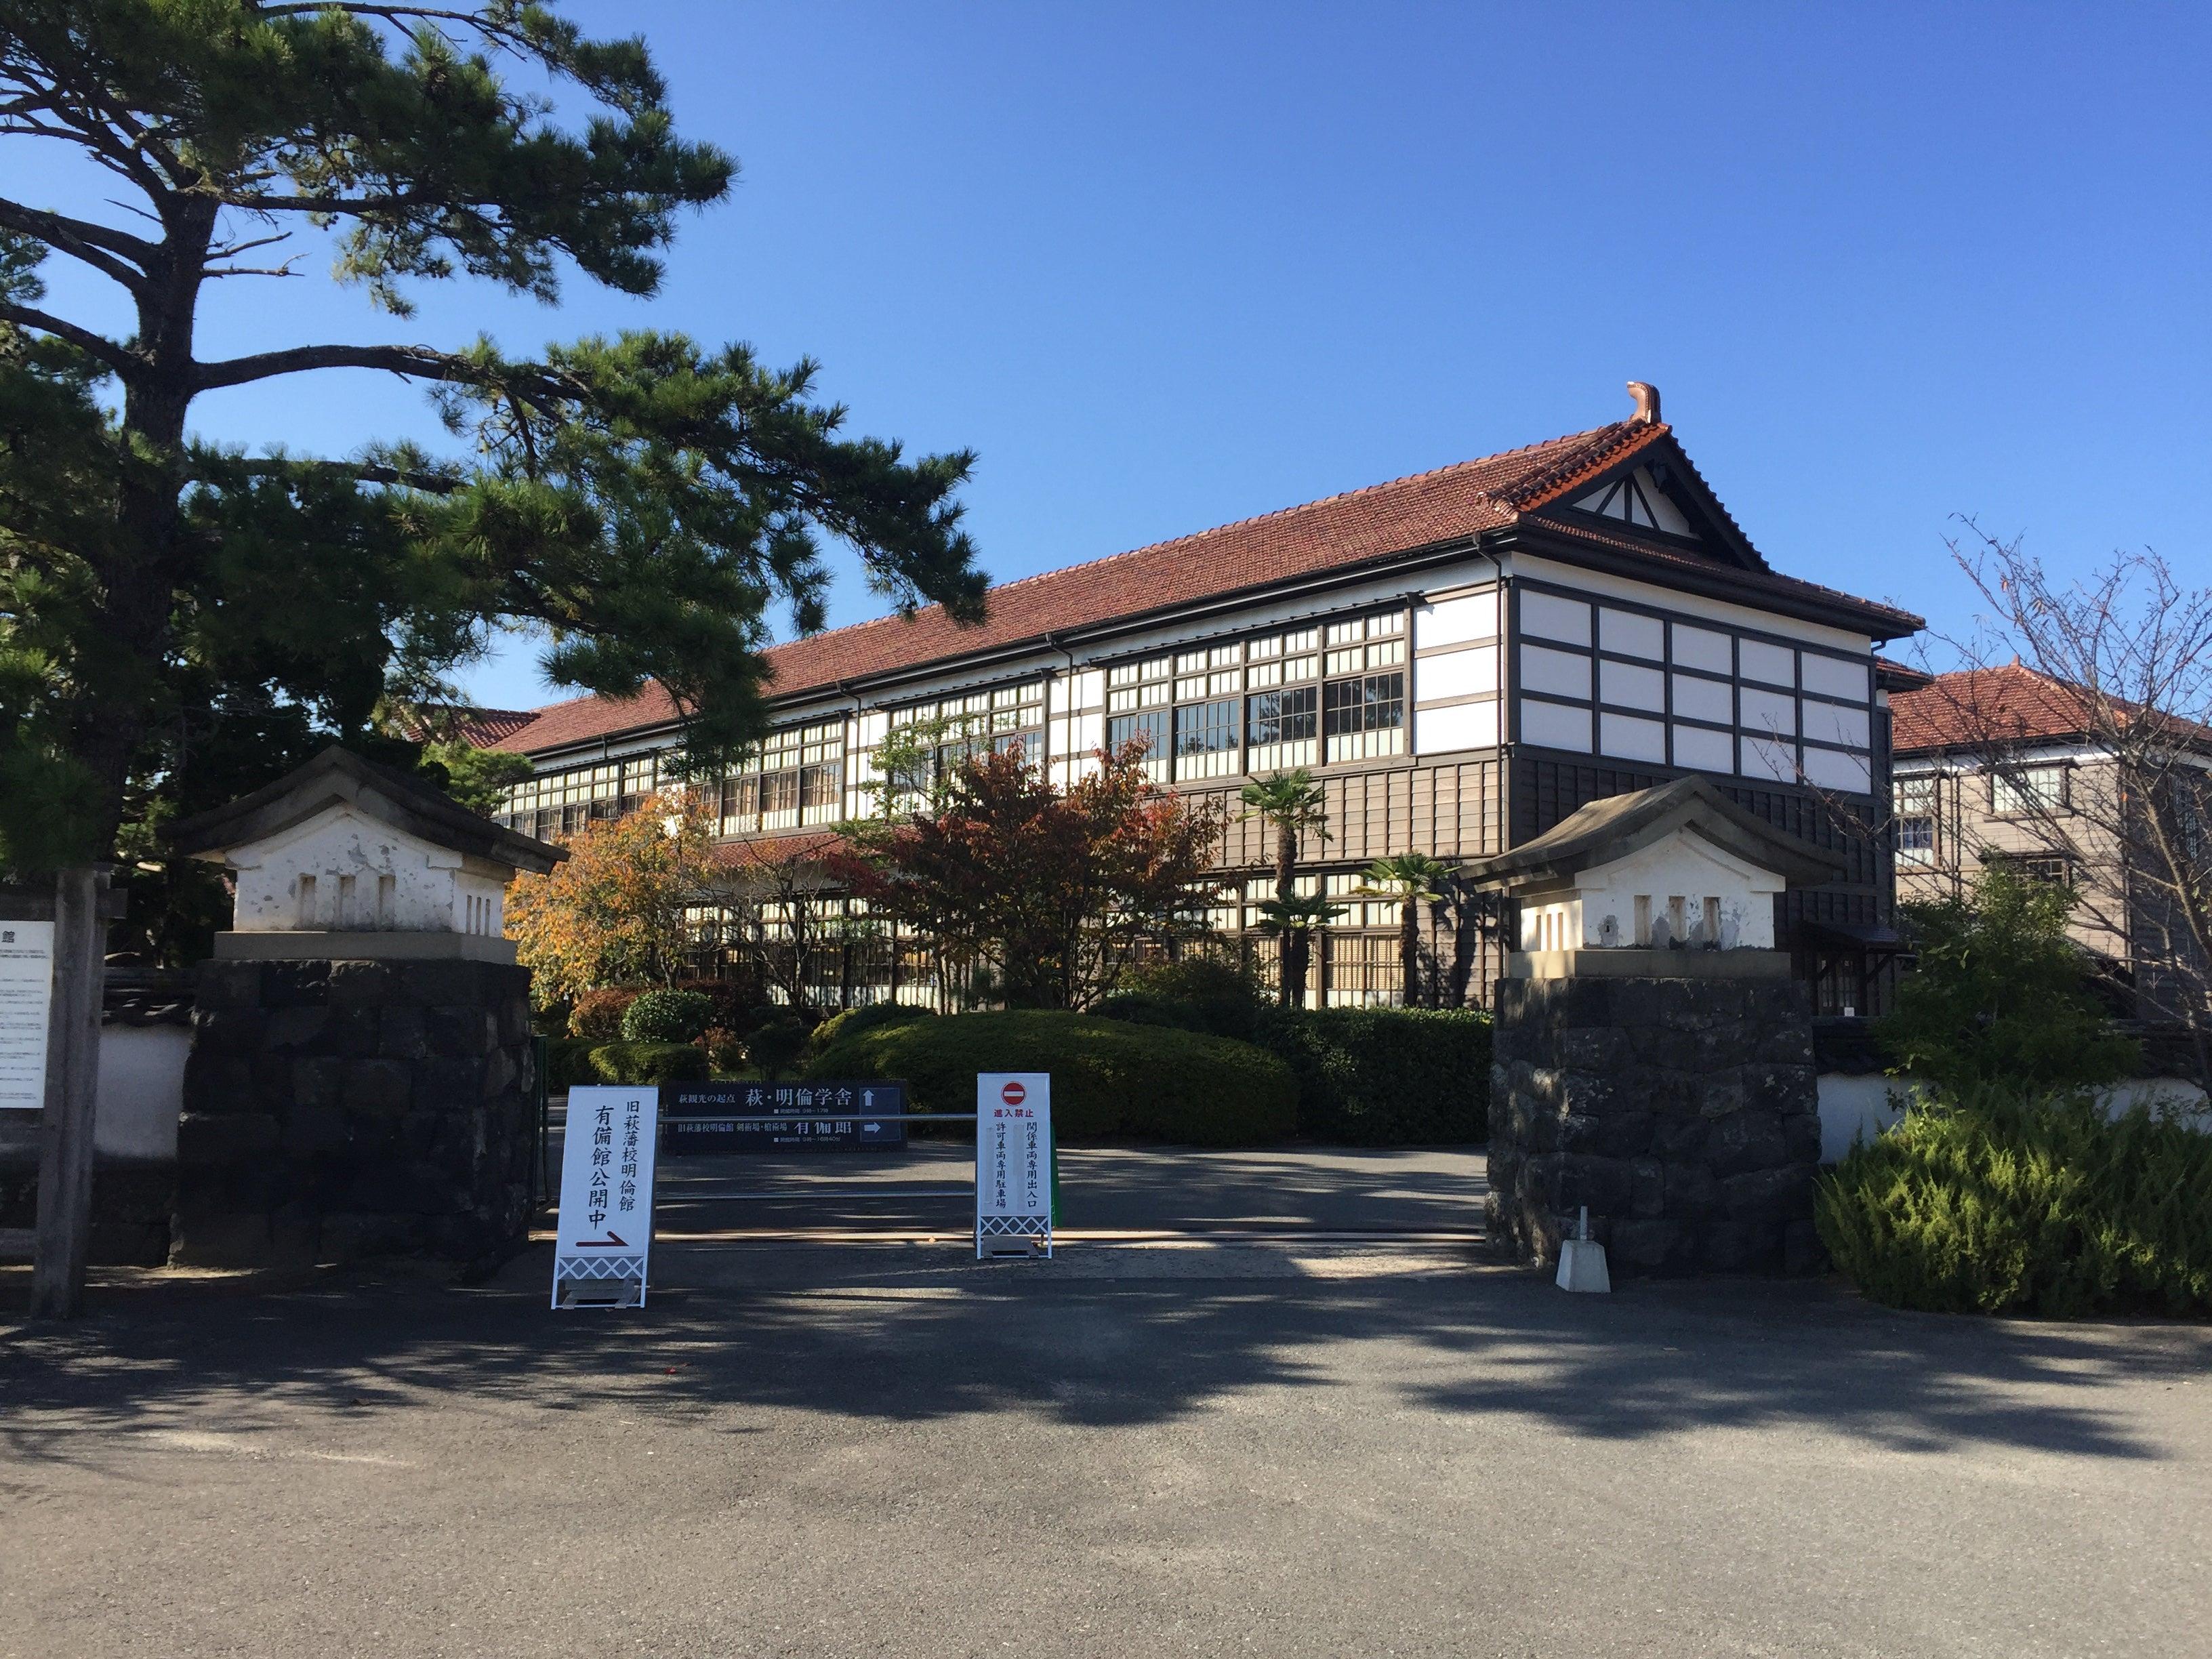 第62怪 木造校舎⑩ 旧明倫小学校校舎 萩・明倫学舎